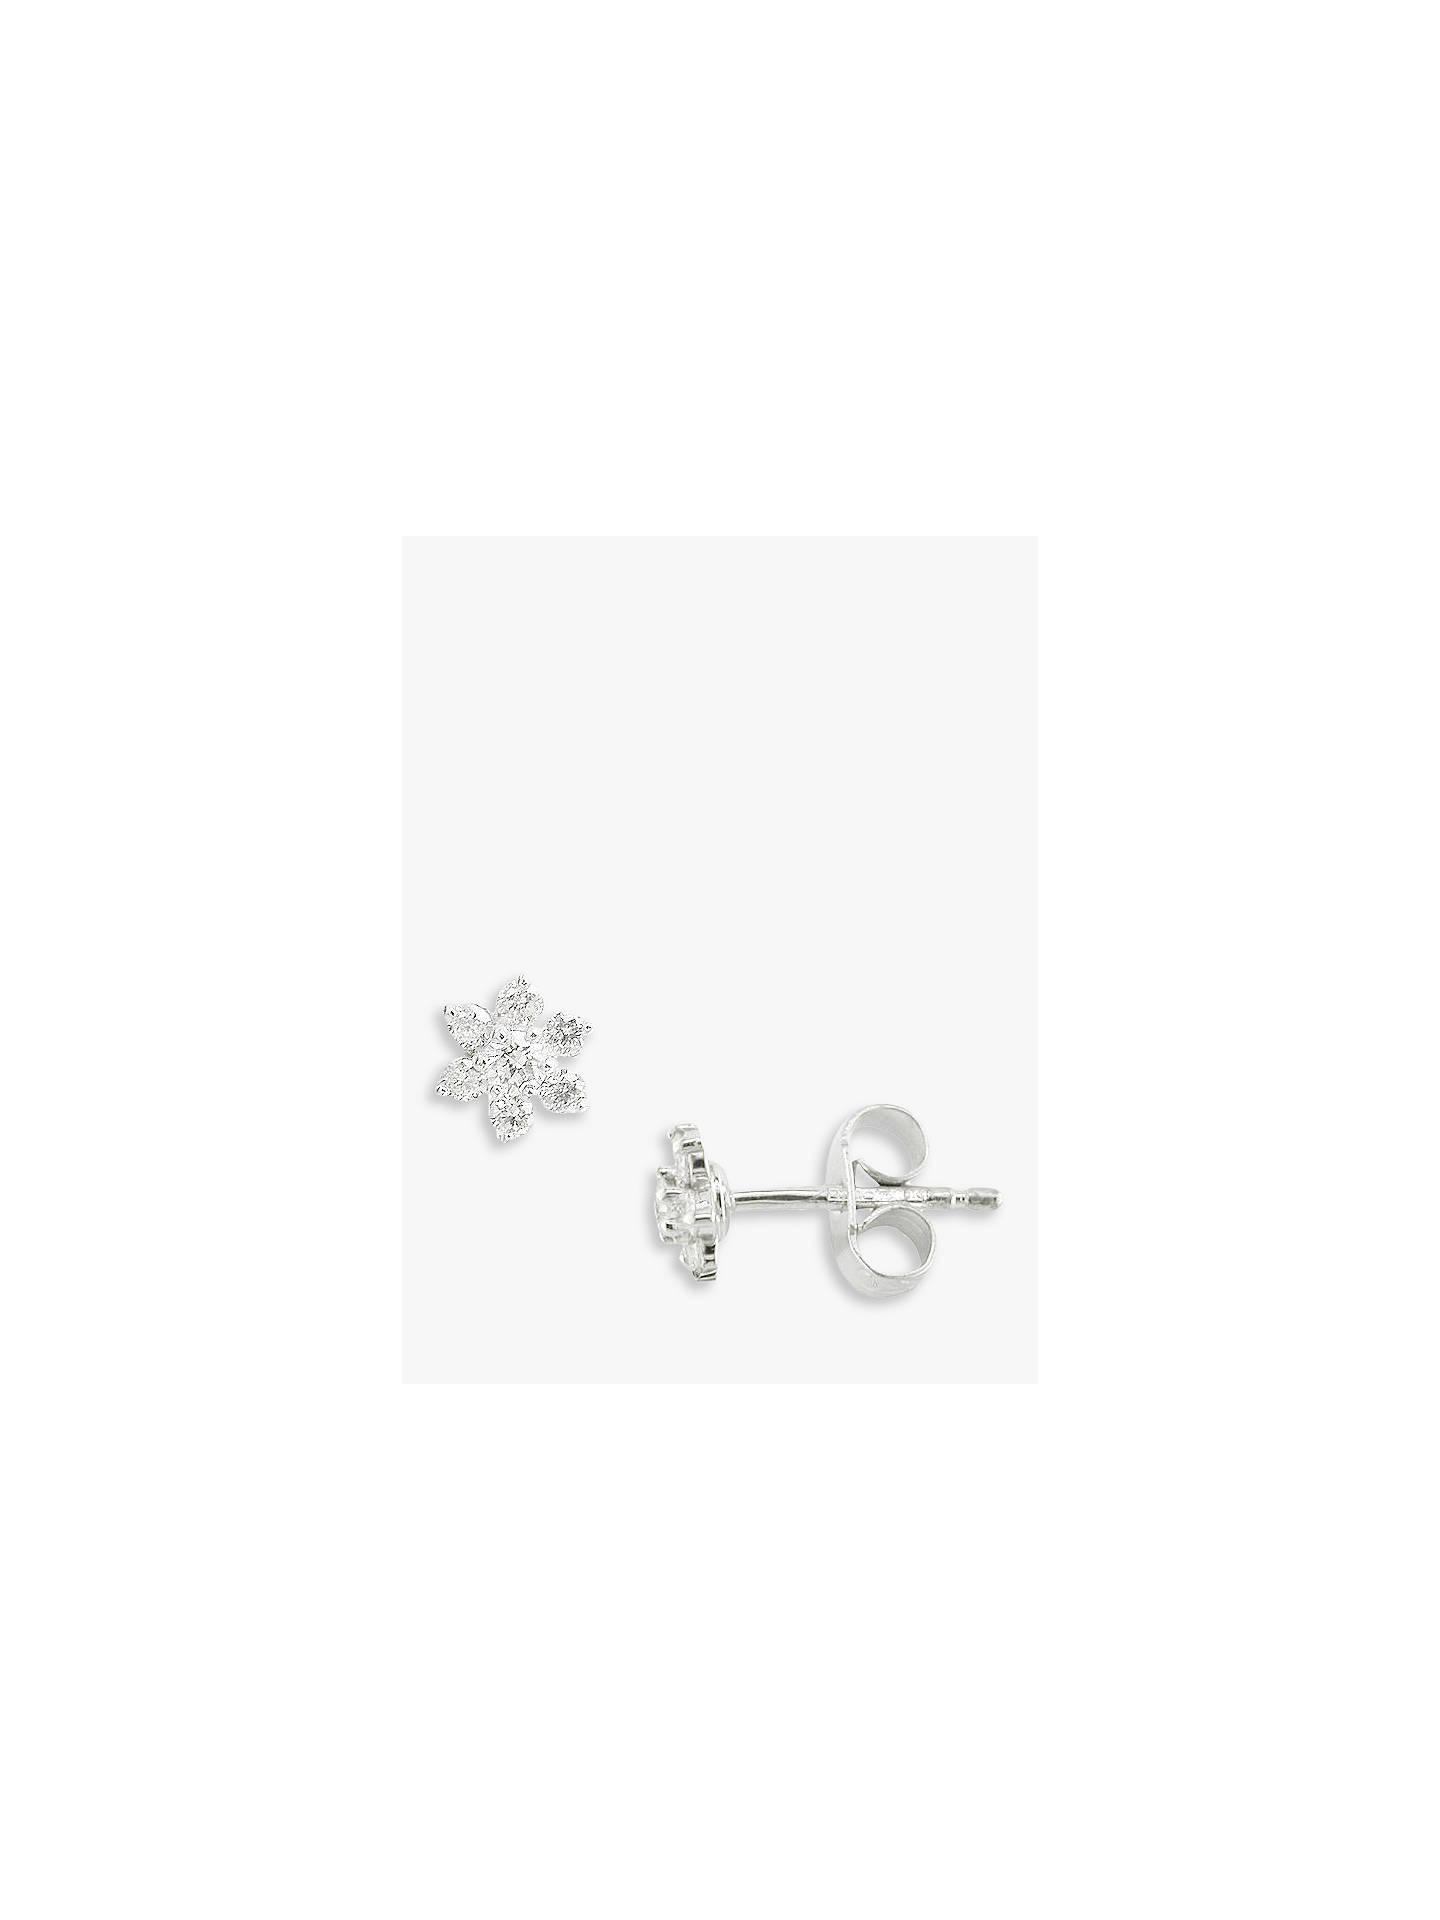 Ewa 18ct White Gold Diamond Flower Cluster Stud Earrings White Gold